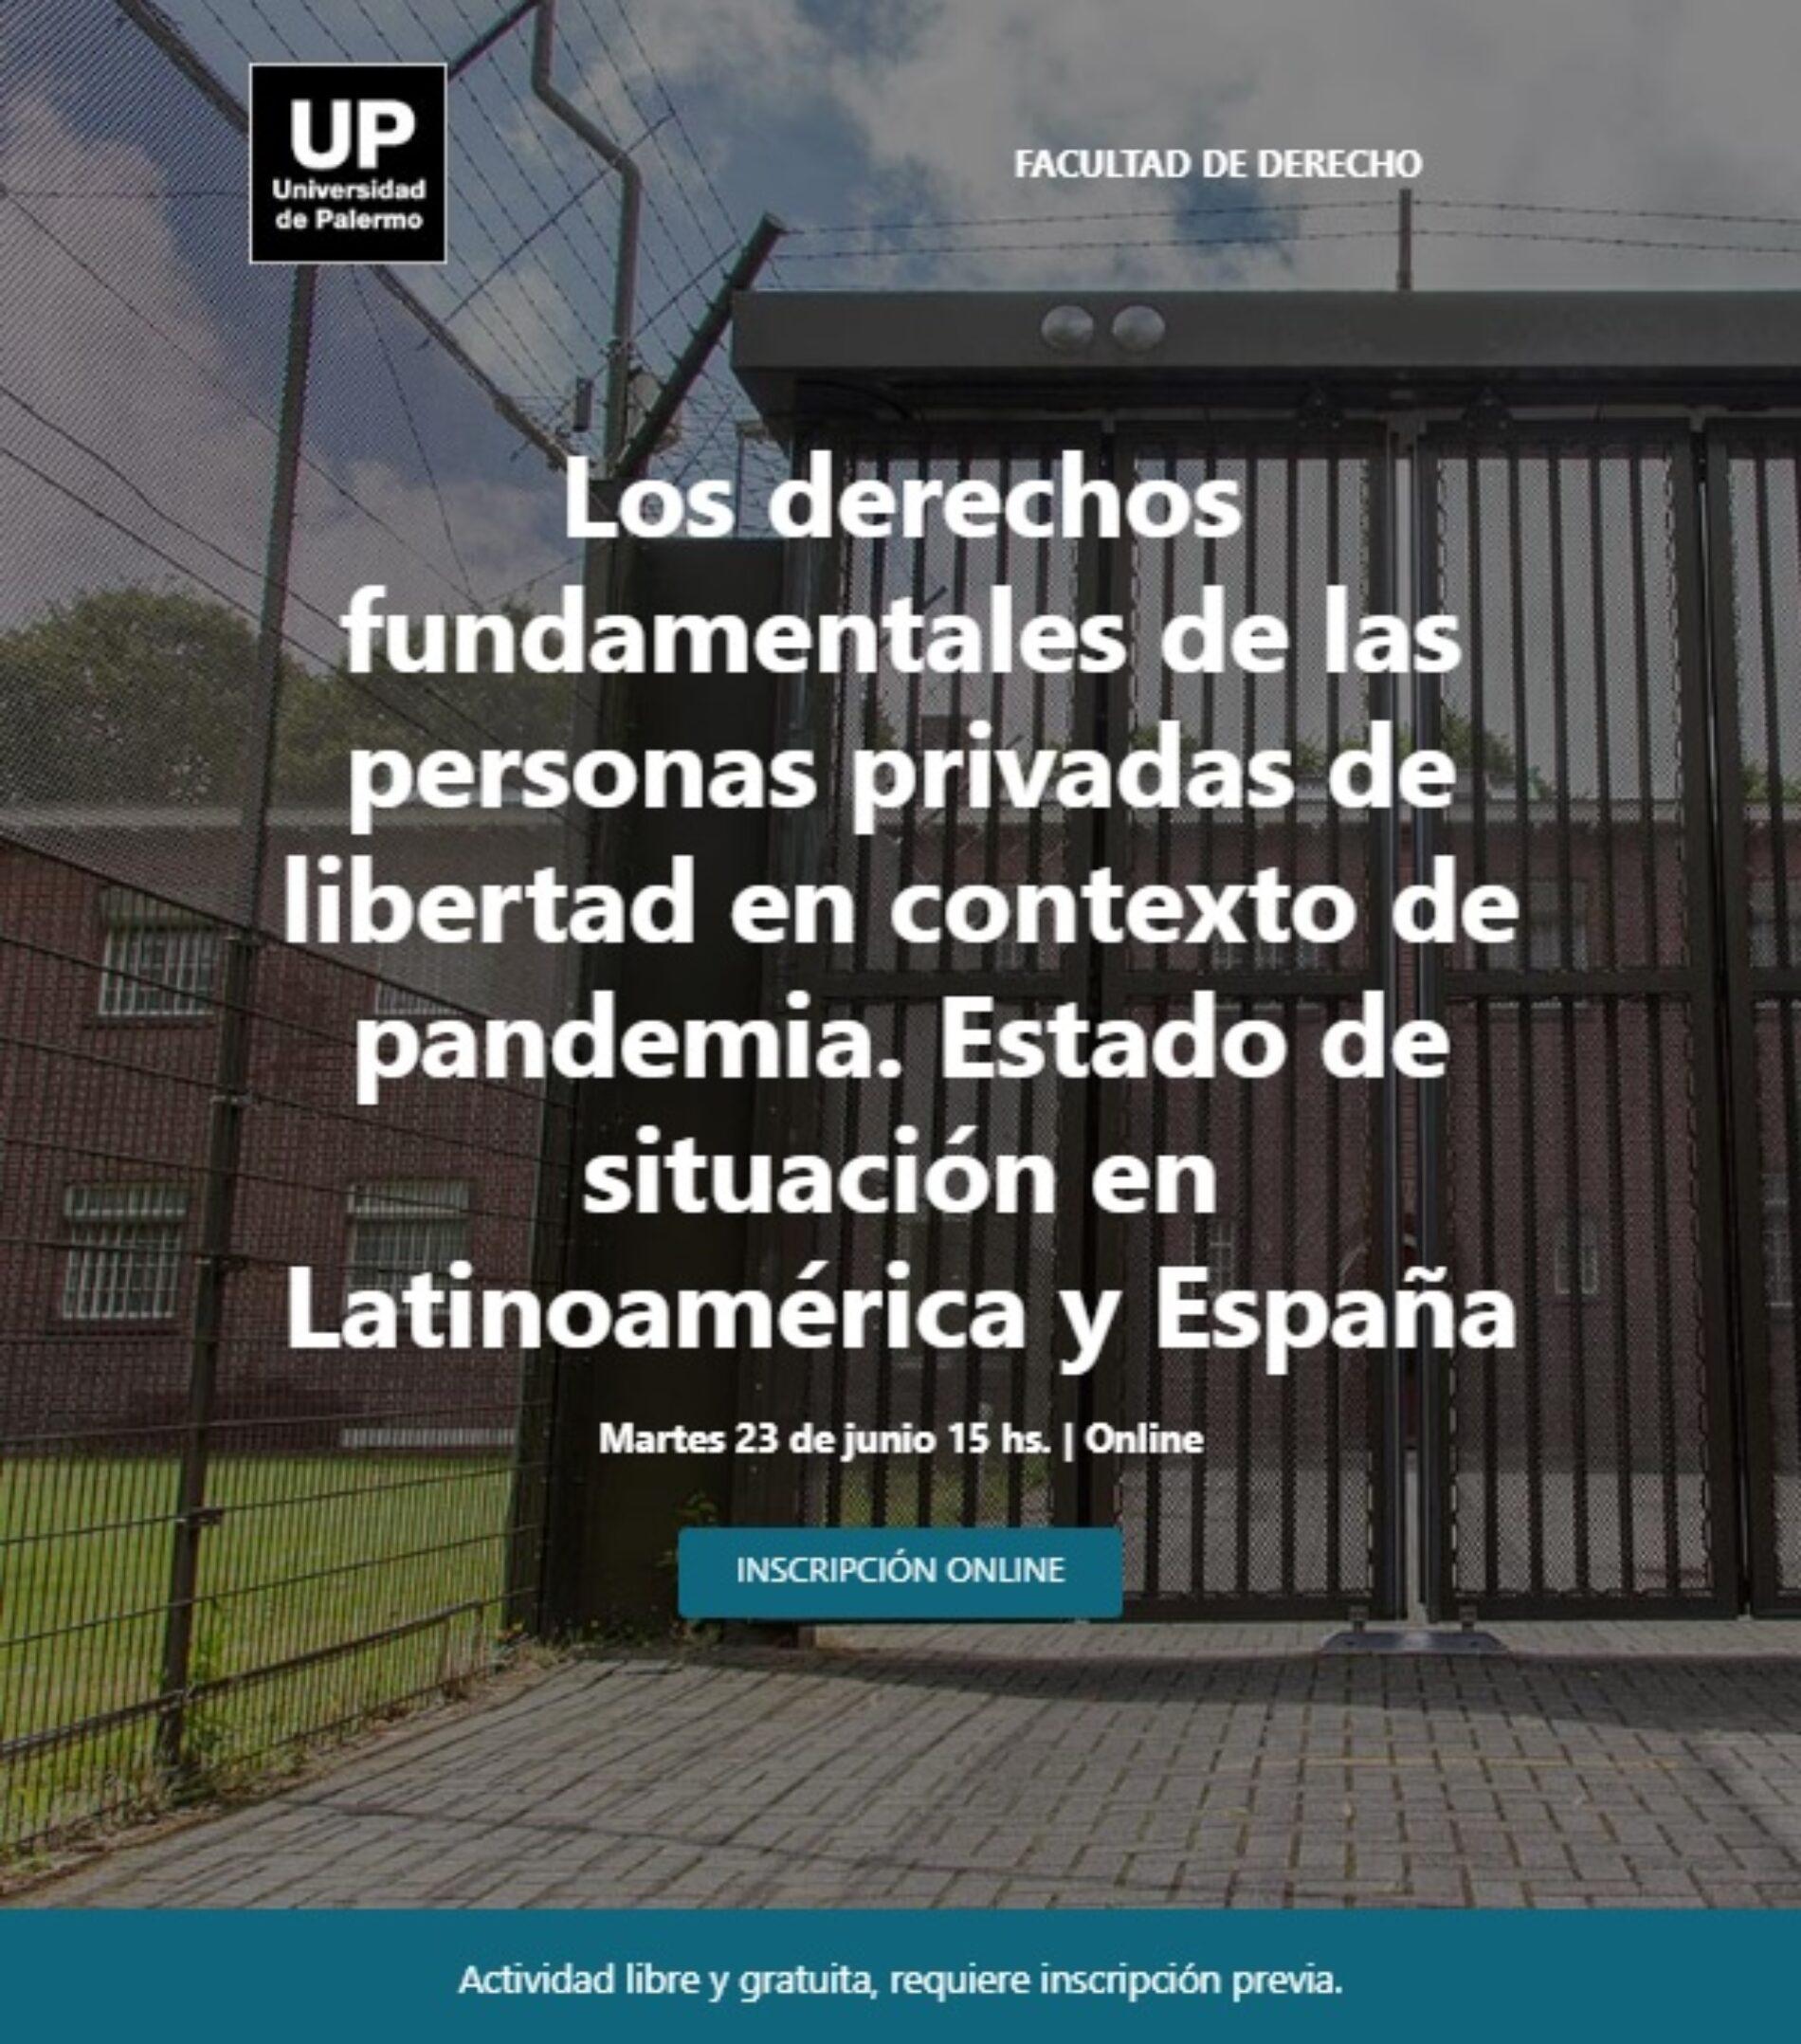 Videoconferencia: » Los derechos fundamentales de las personas privadas de libertad en contexto de pandemia. Estado de situación en Latinoamérica y España «